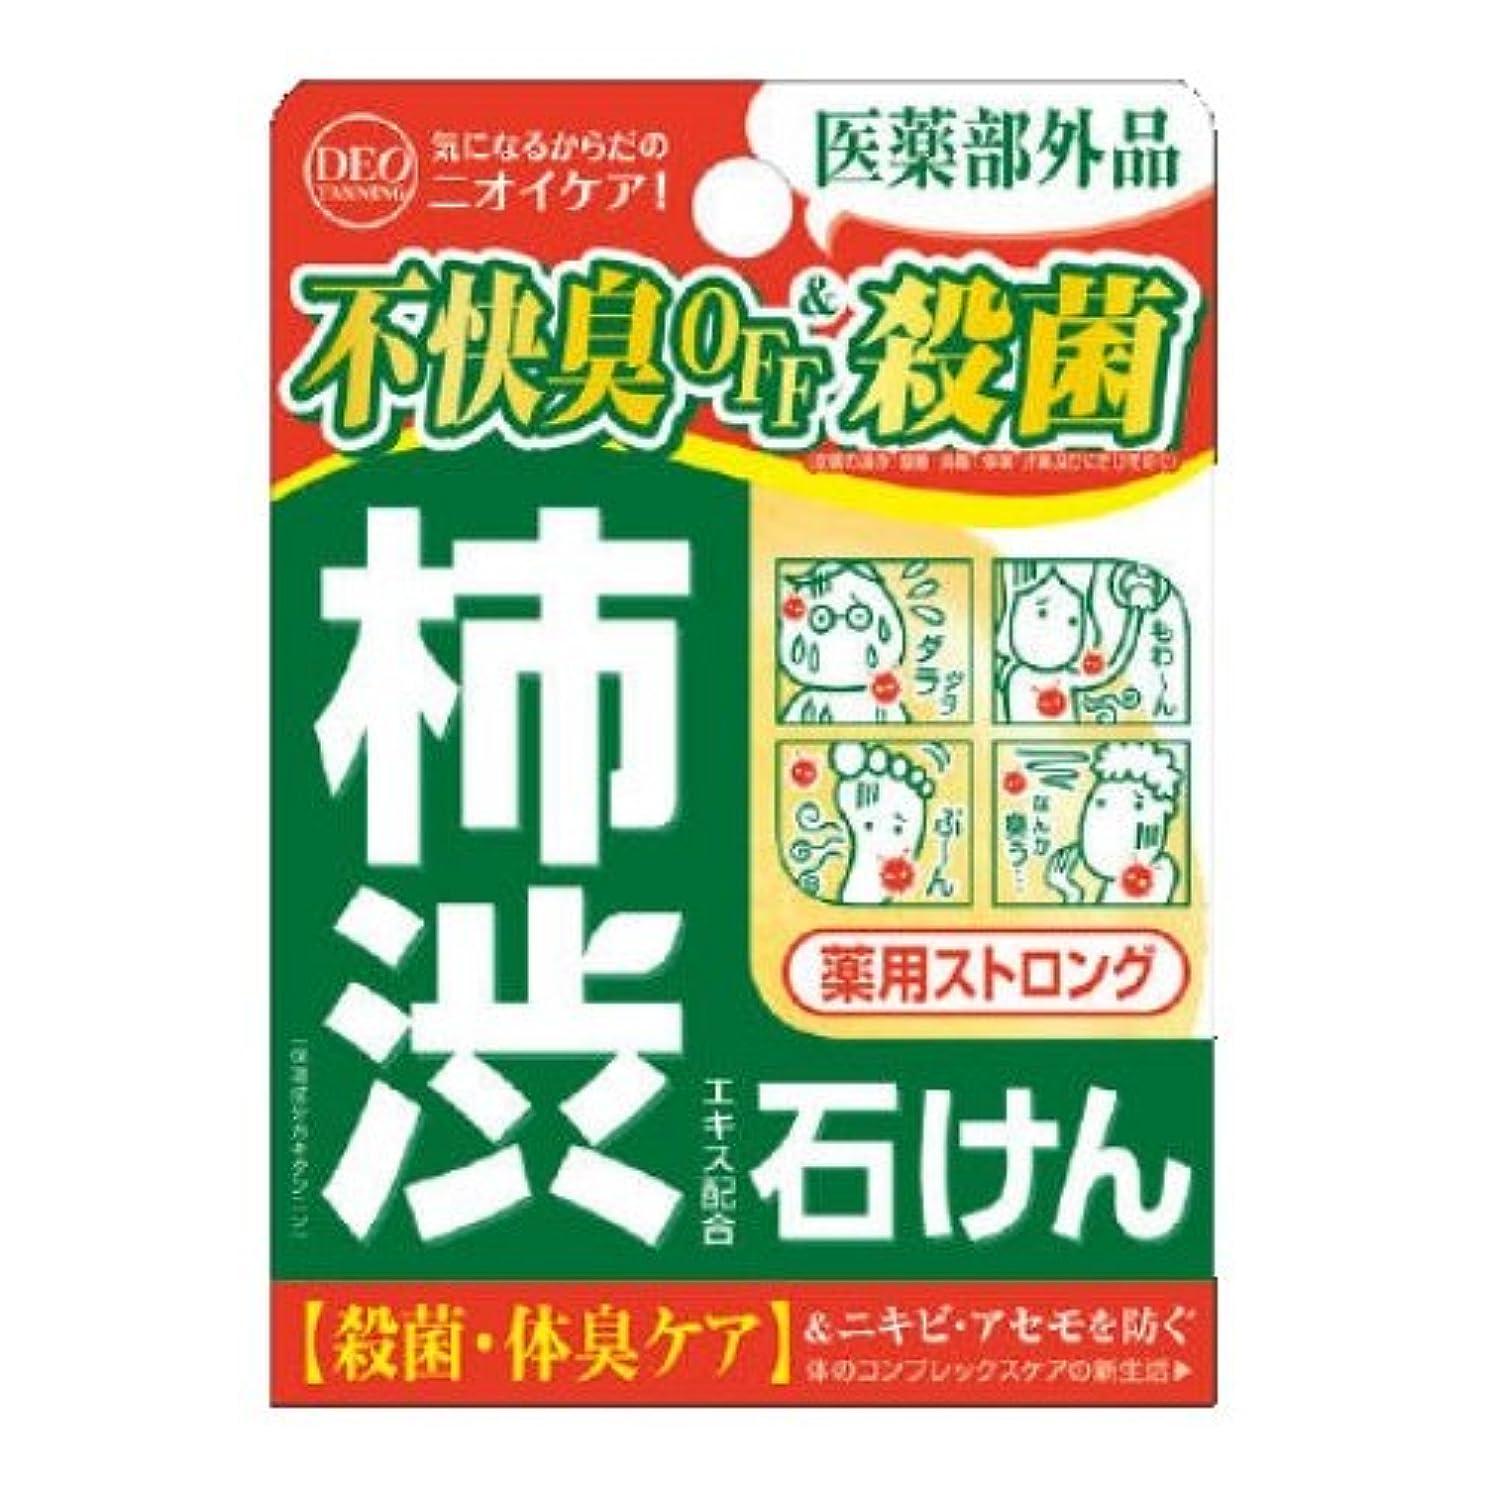 所有権おかしい研究デオタンニング 薬用ストロング ソープ 100g (医薬部外品)